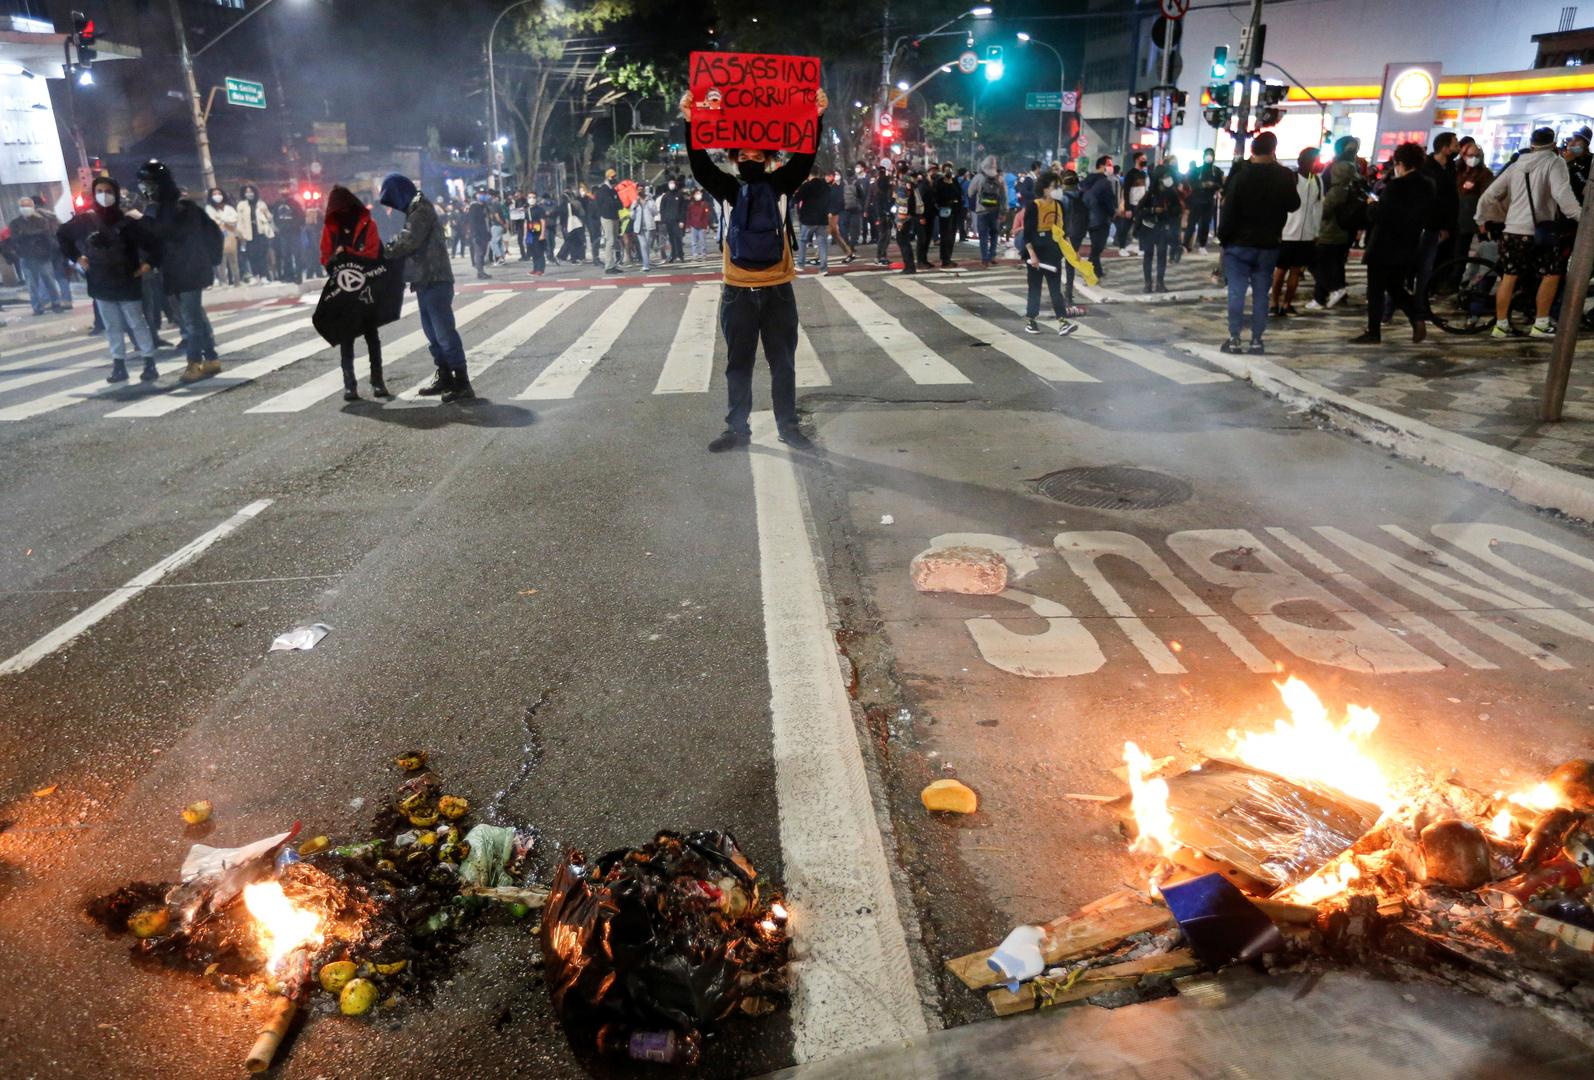 عشرات الآلاف يتظاهرون ضد الرئيس البرازيلي